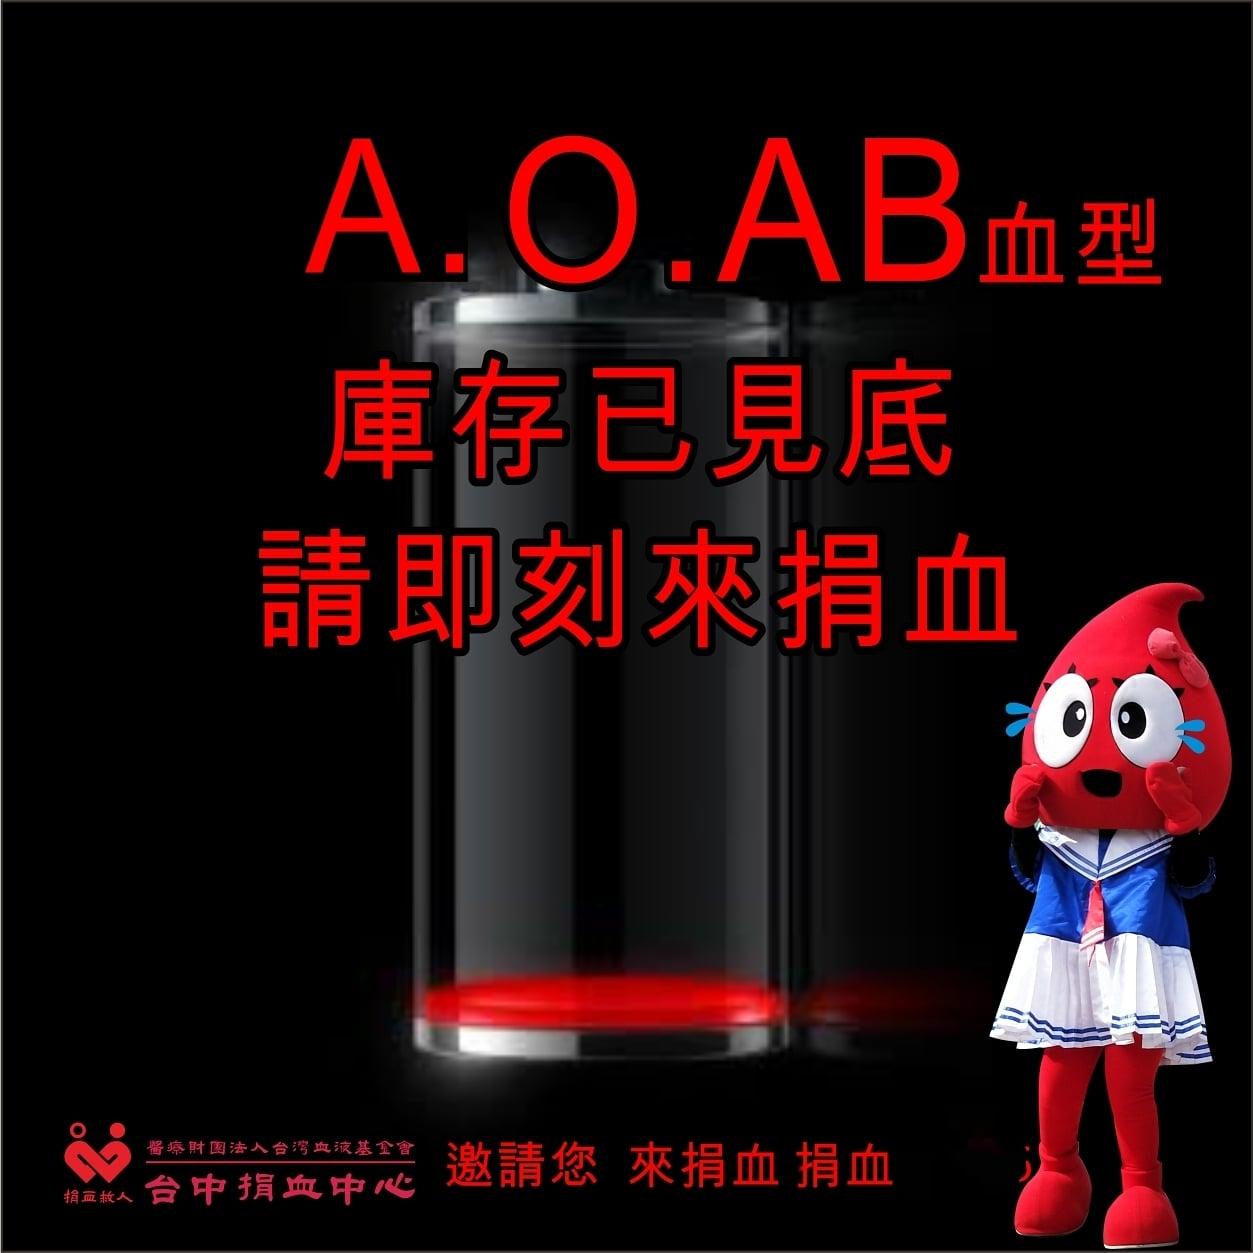 急缺A.O.AB